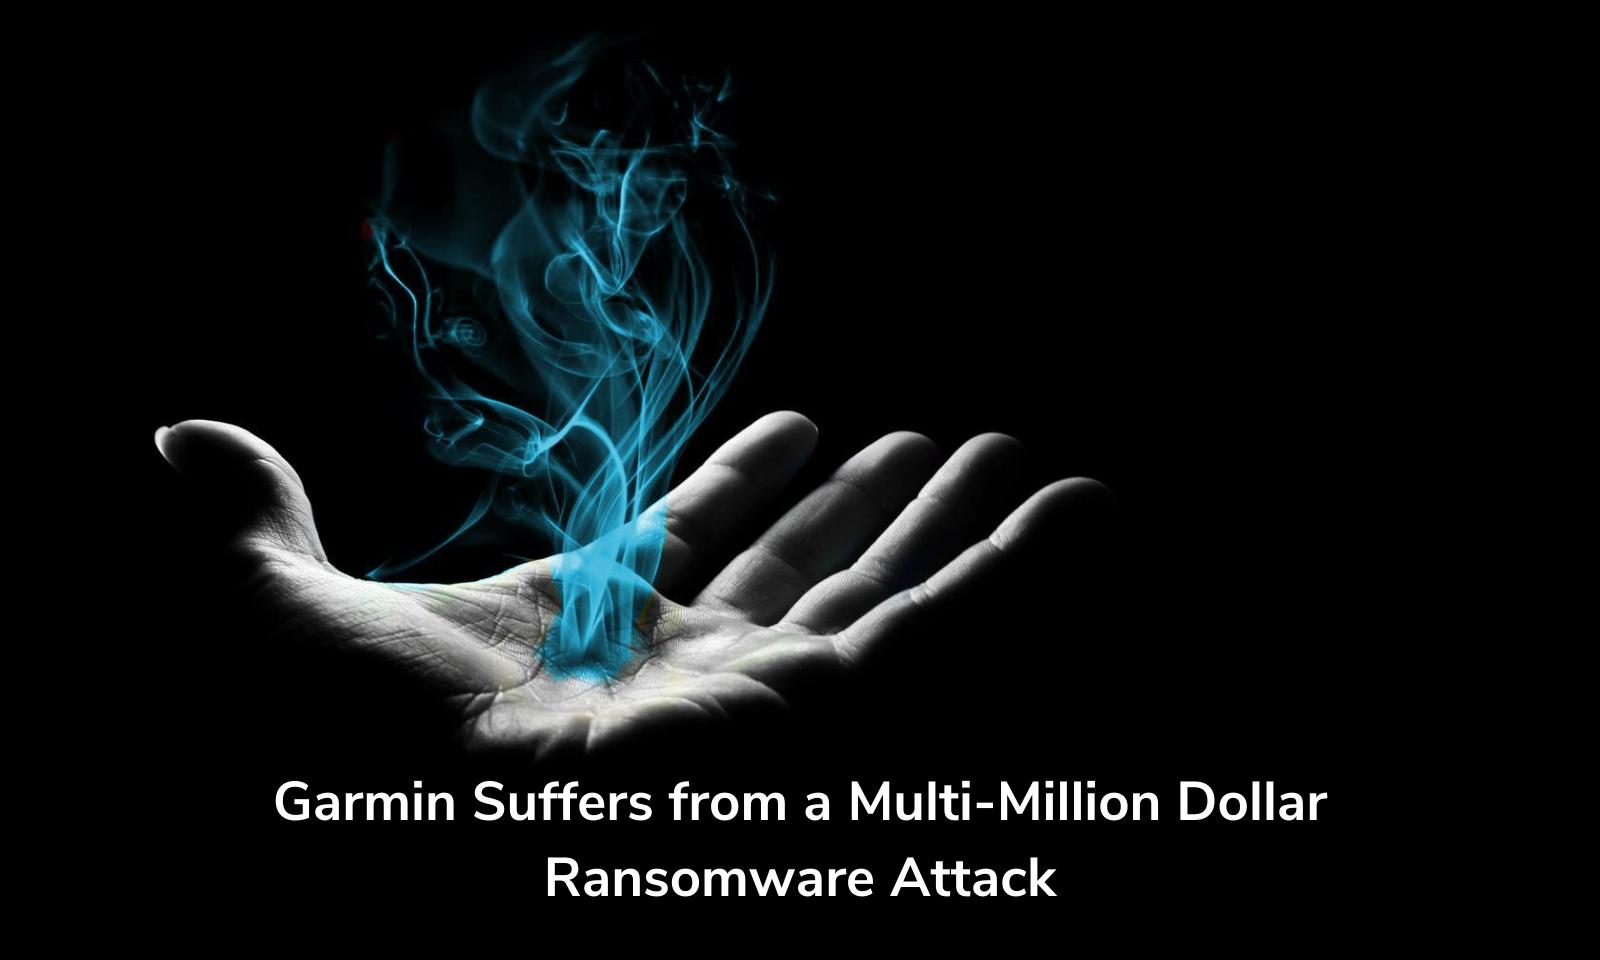 Garmin sofre com um ataque de ransomware de vários milhões de dólares